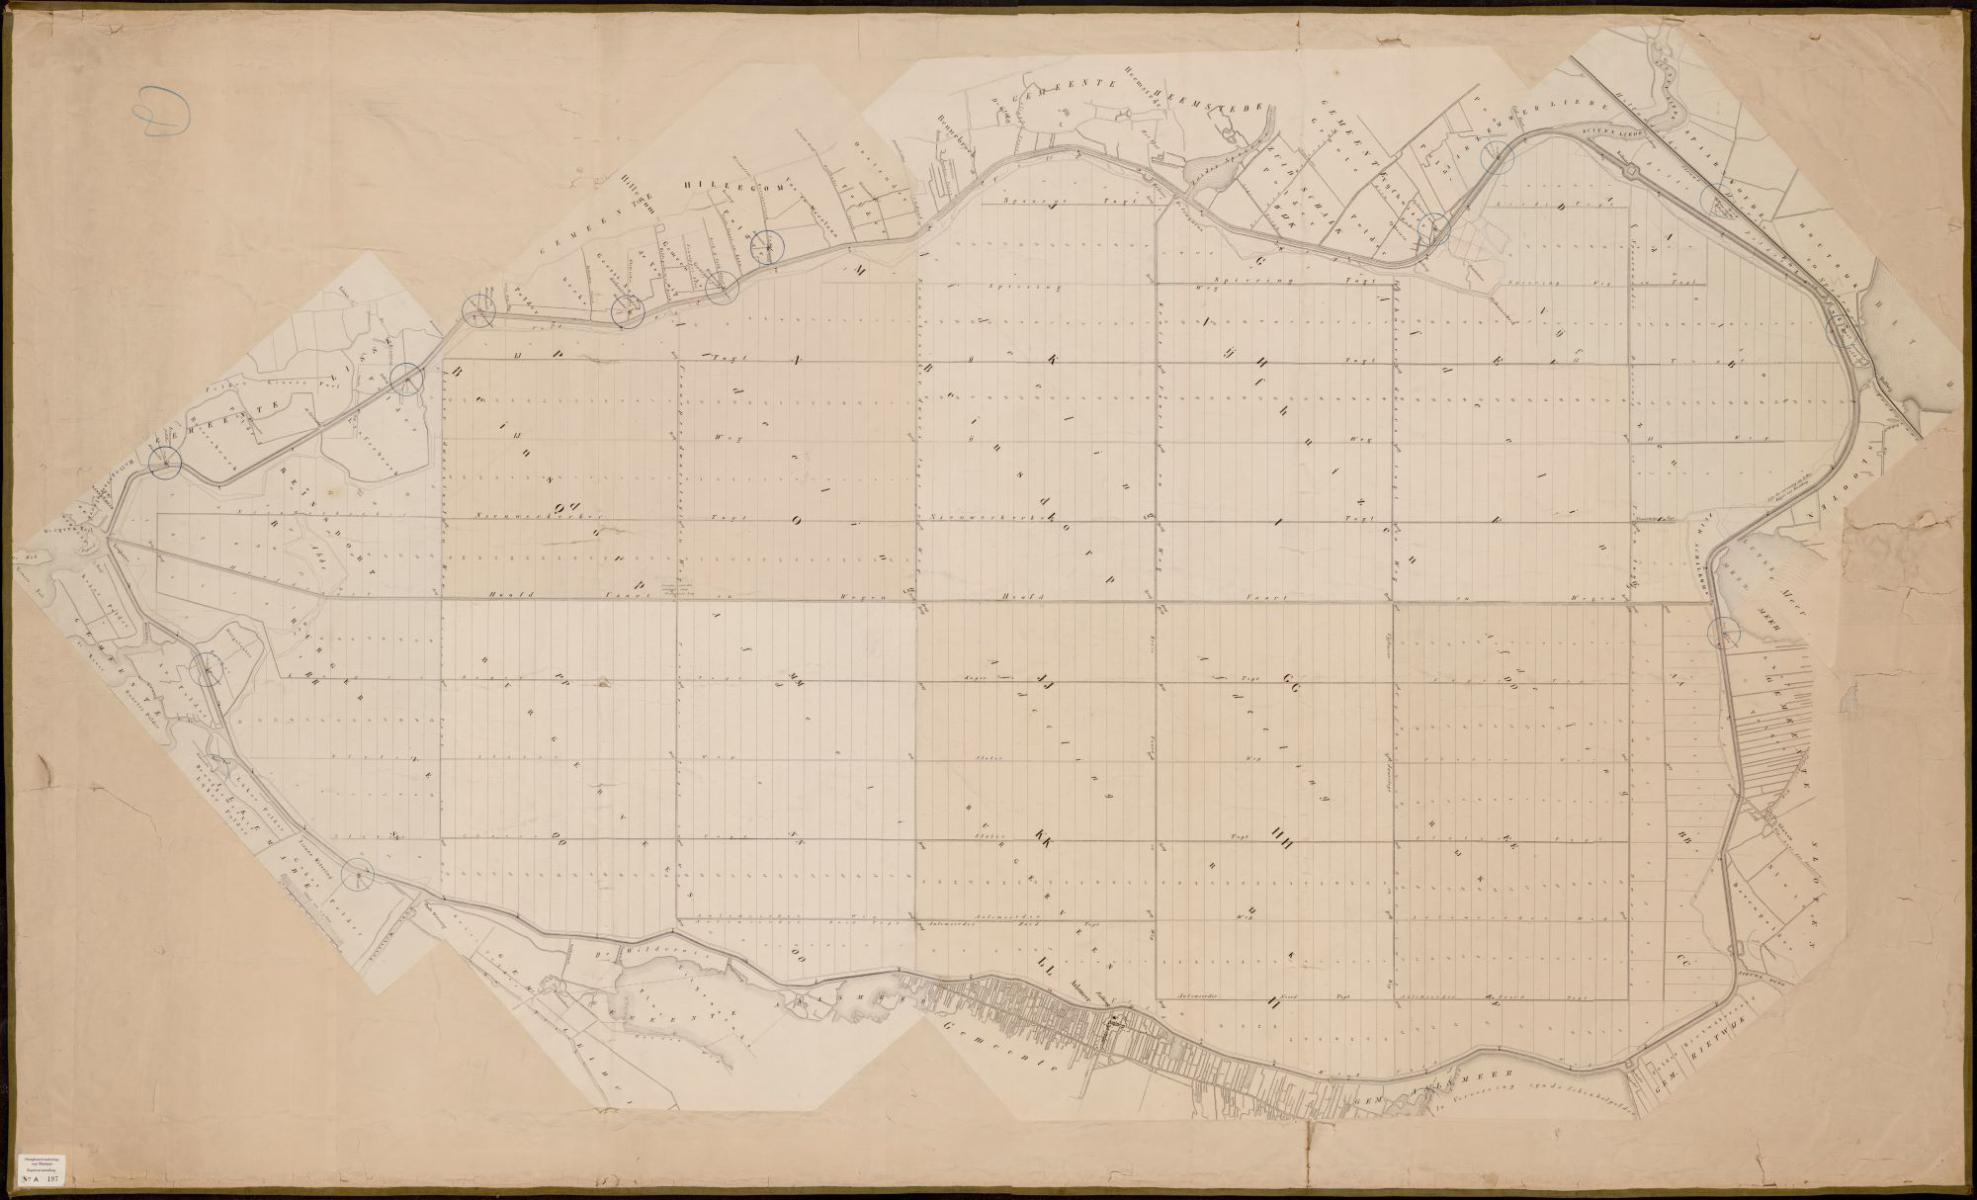 14. Kaart van de verkaveling van de Haarlemmermeerpolder 1855